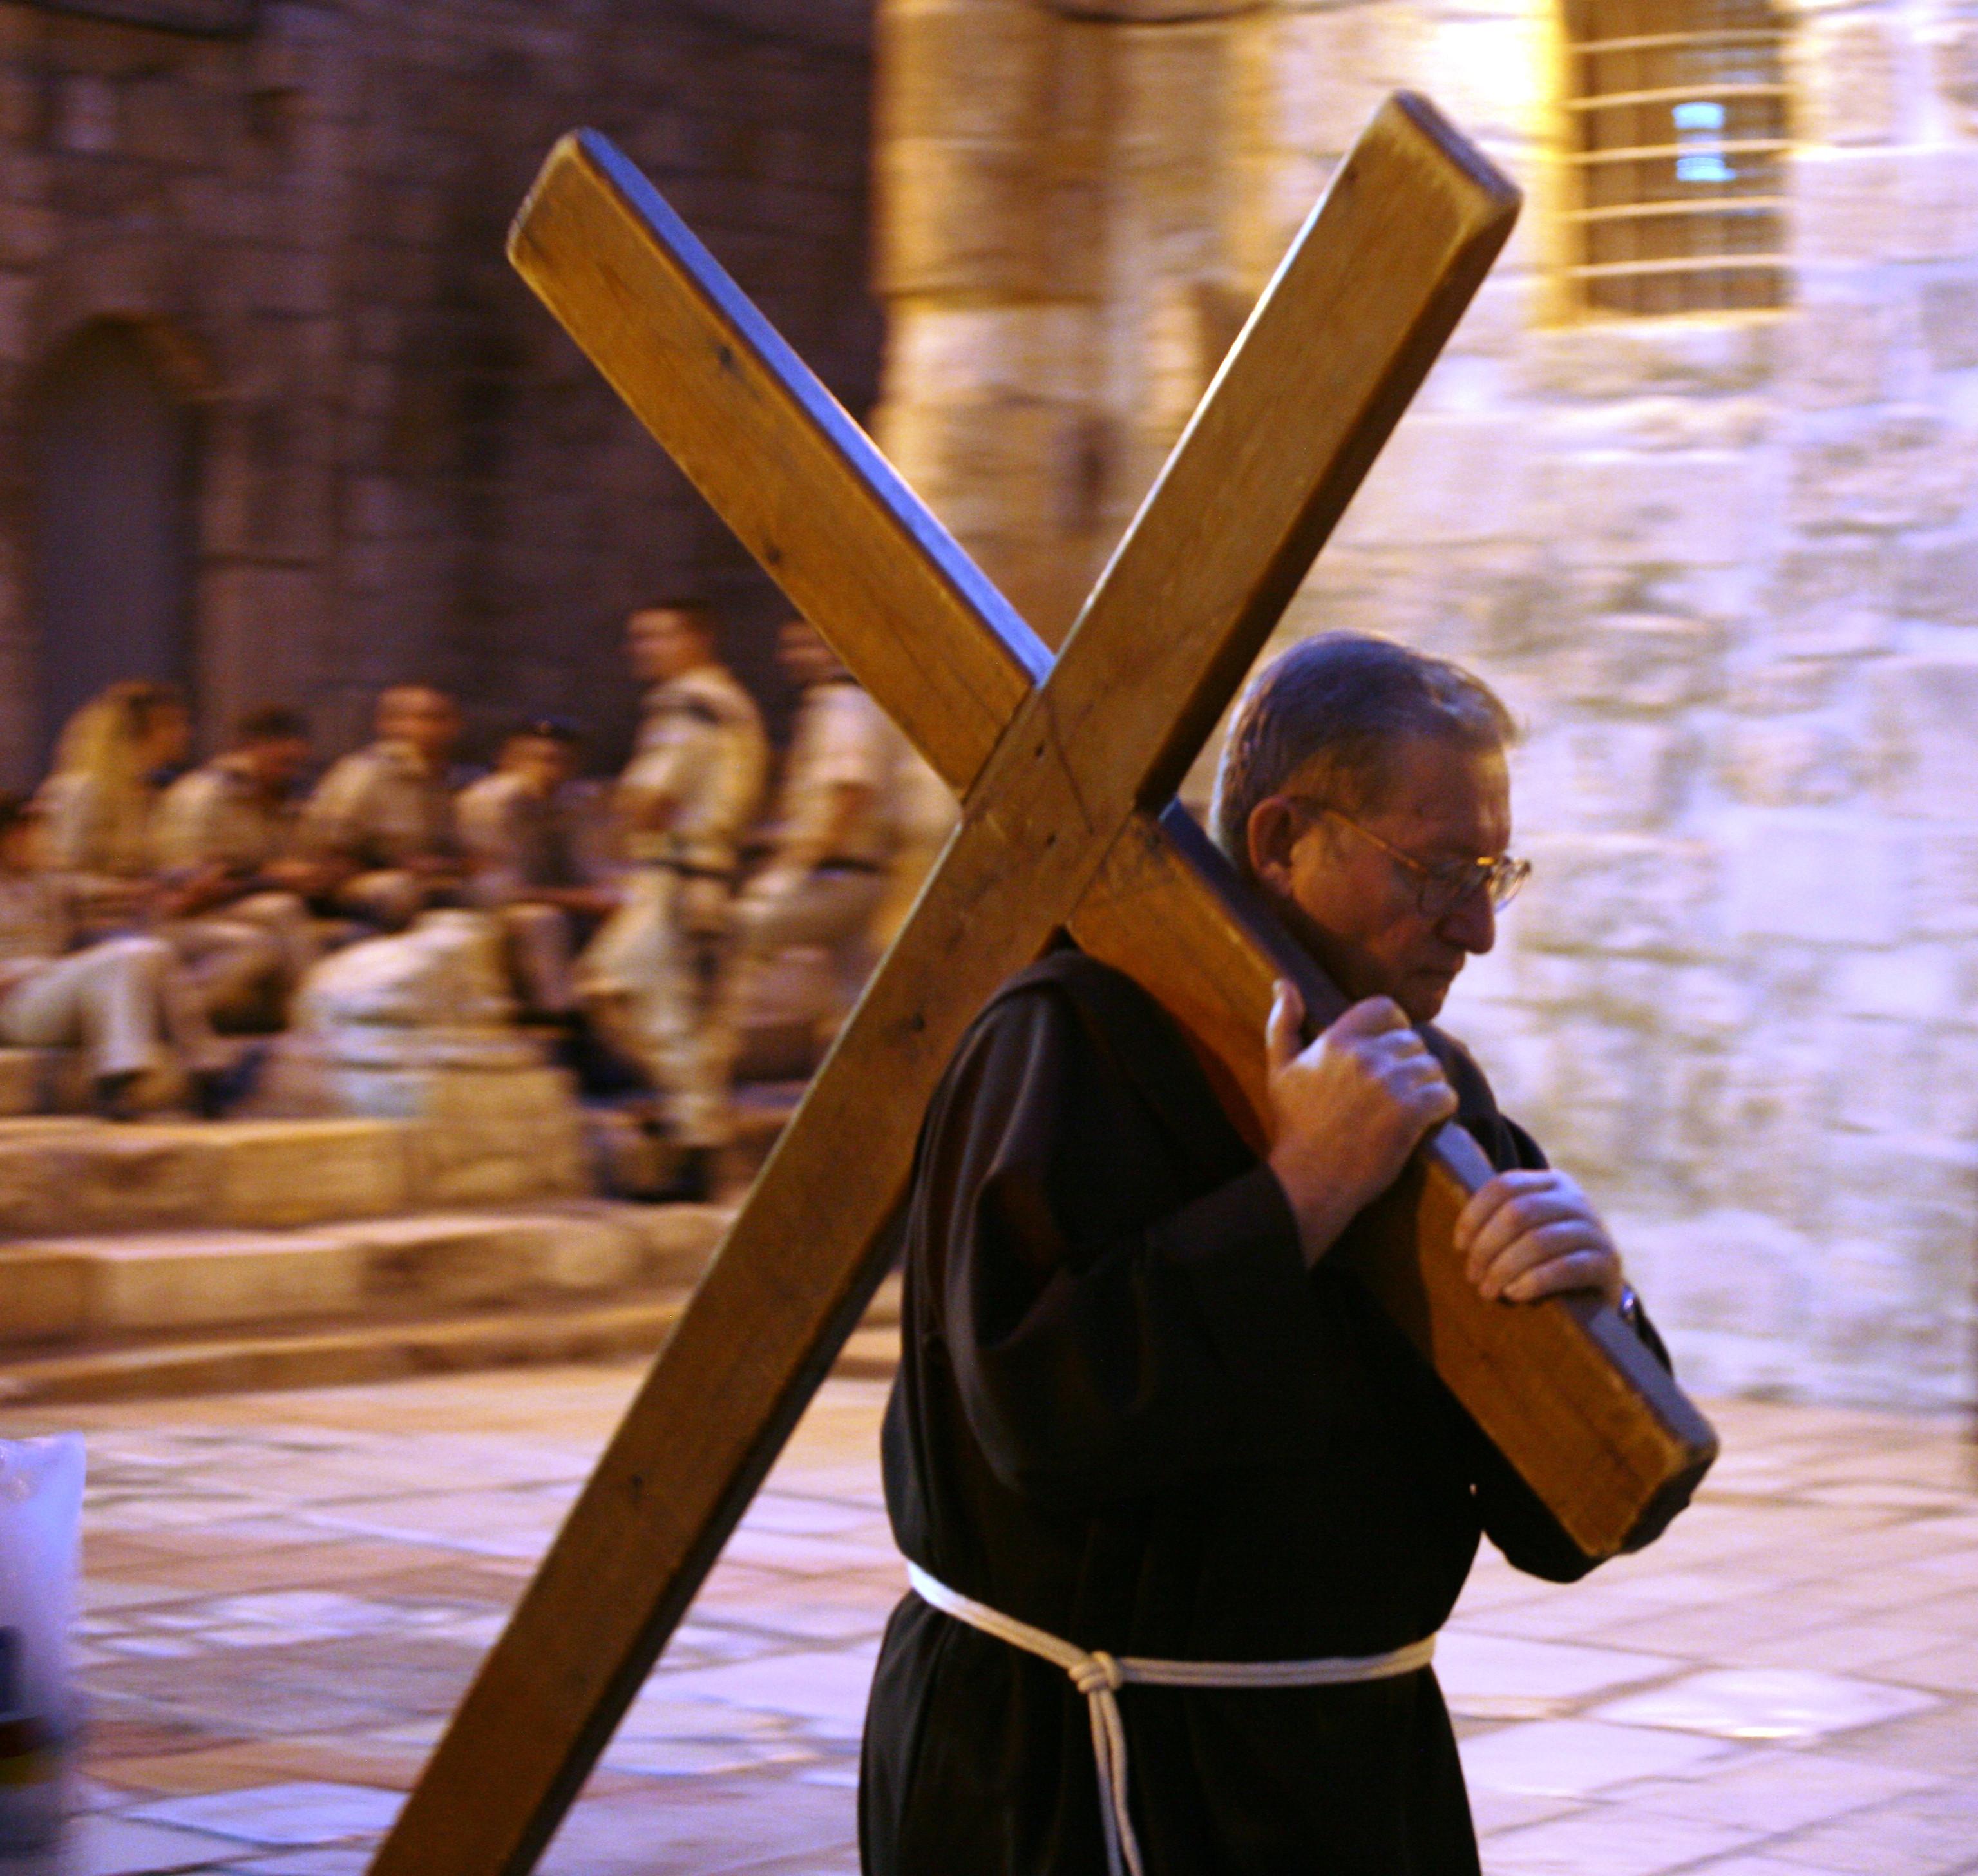 JERUSALEM CATHOLIC HERITAGE TOUR